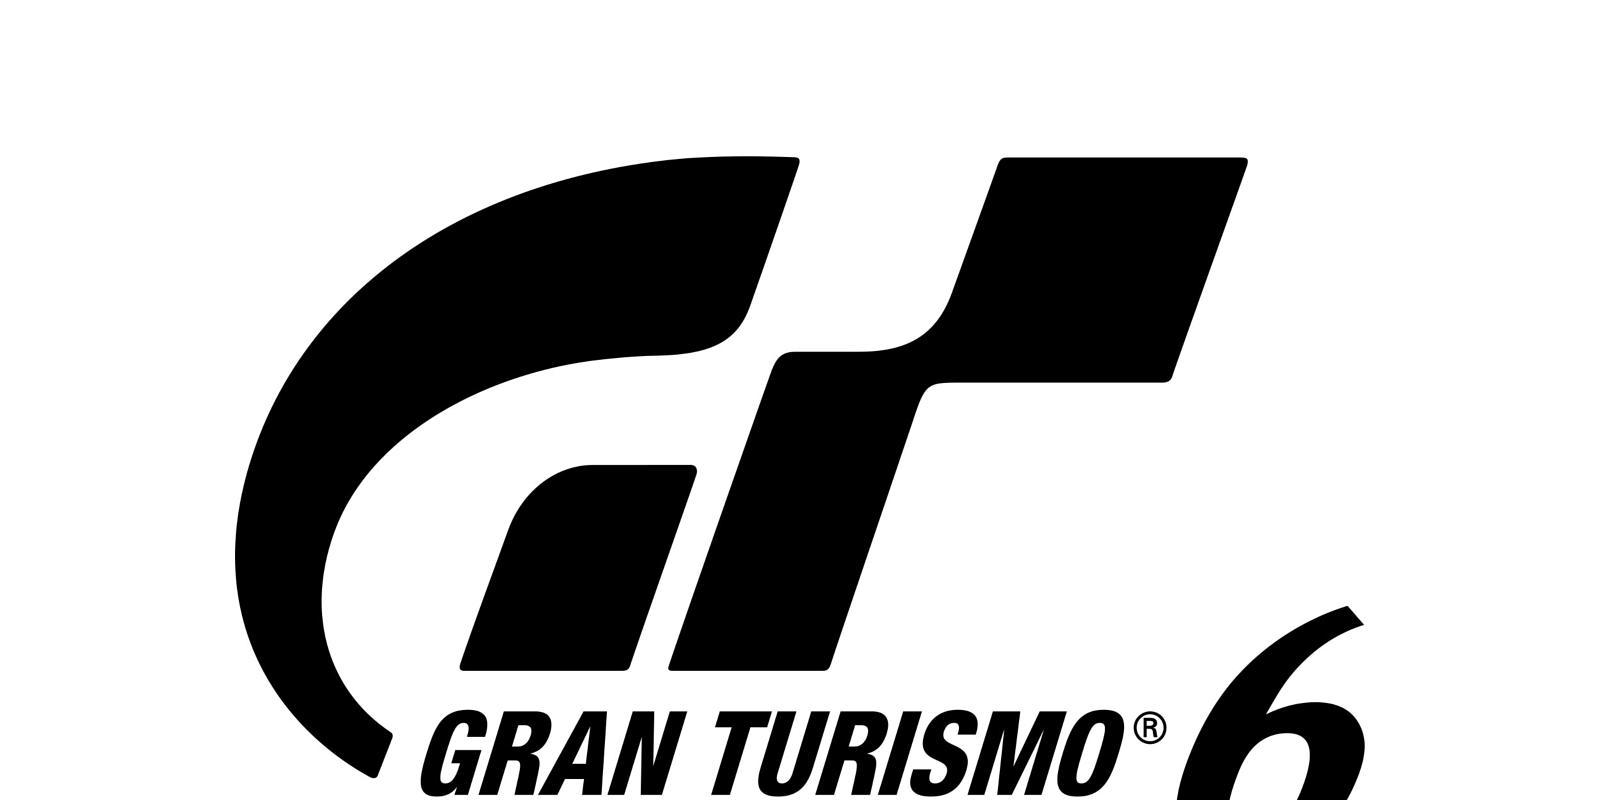 Gran Turismo Clipart